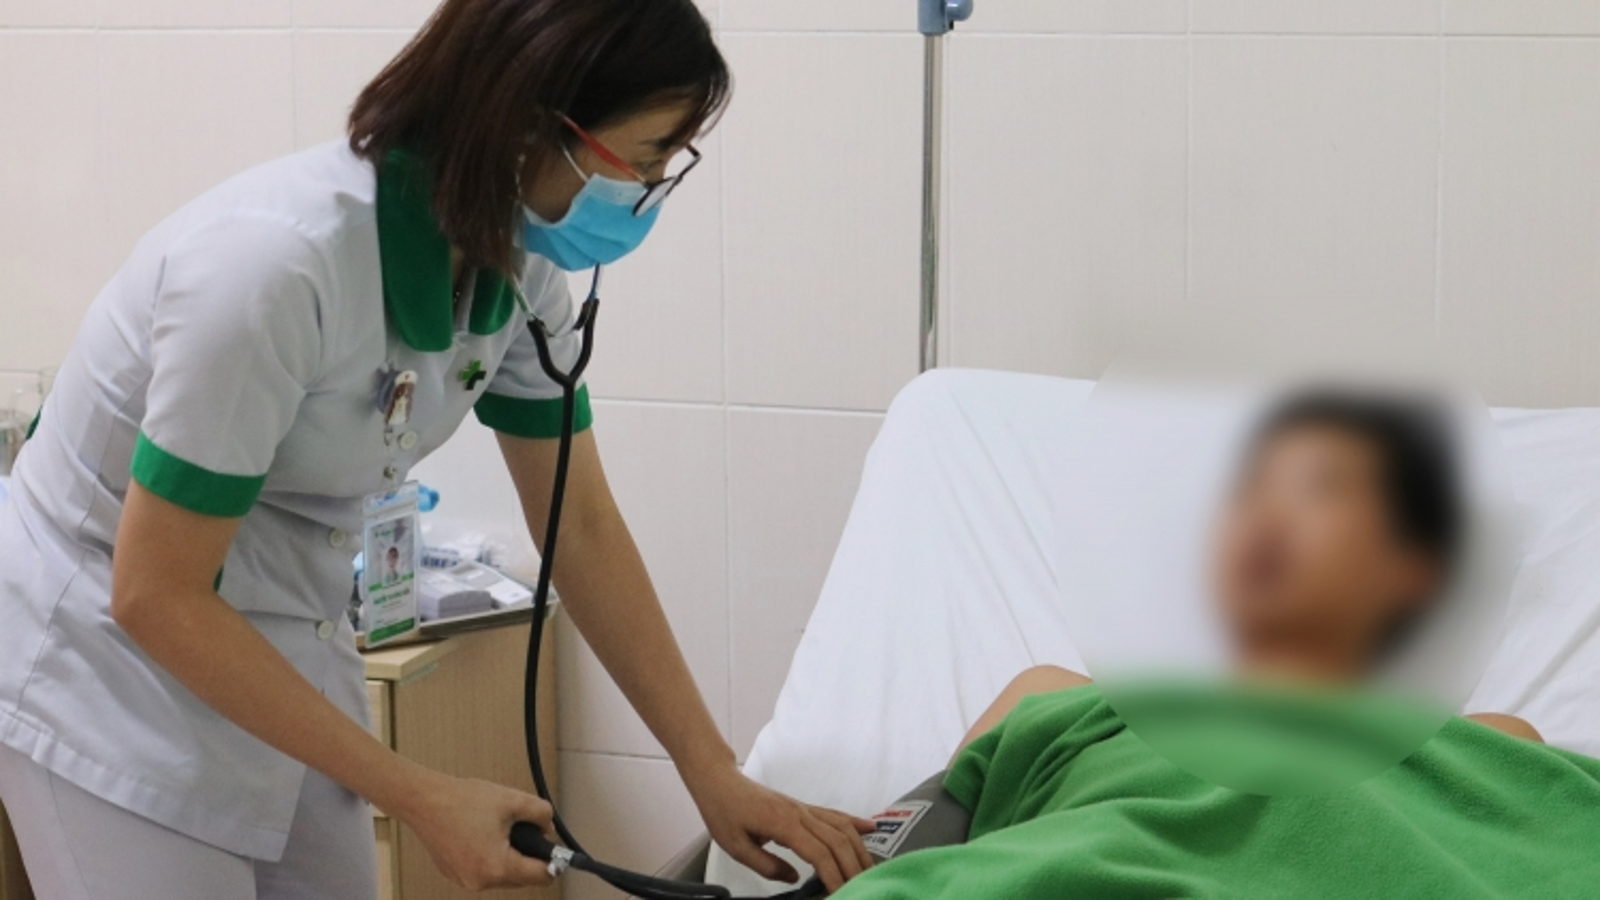 Cấp cứu thành công bệnh nhân xuất huyết nội do vỡ lách độ 3